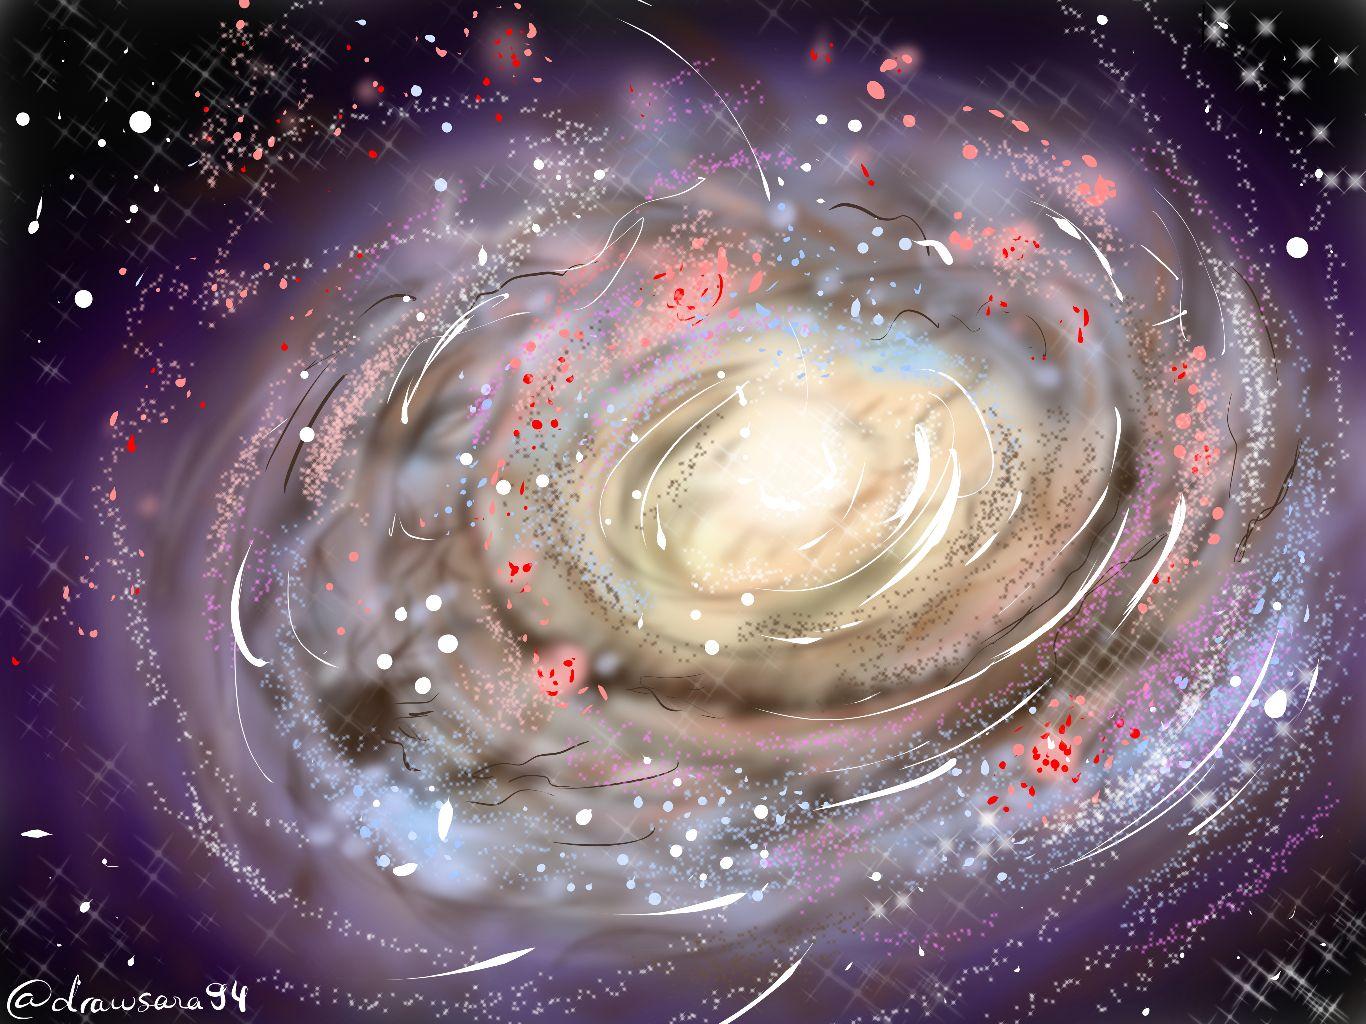 galaxie saramusique